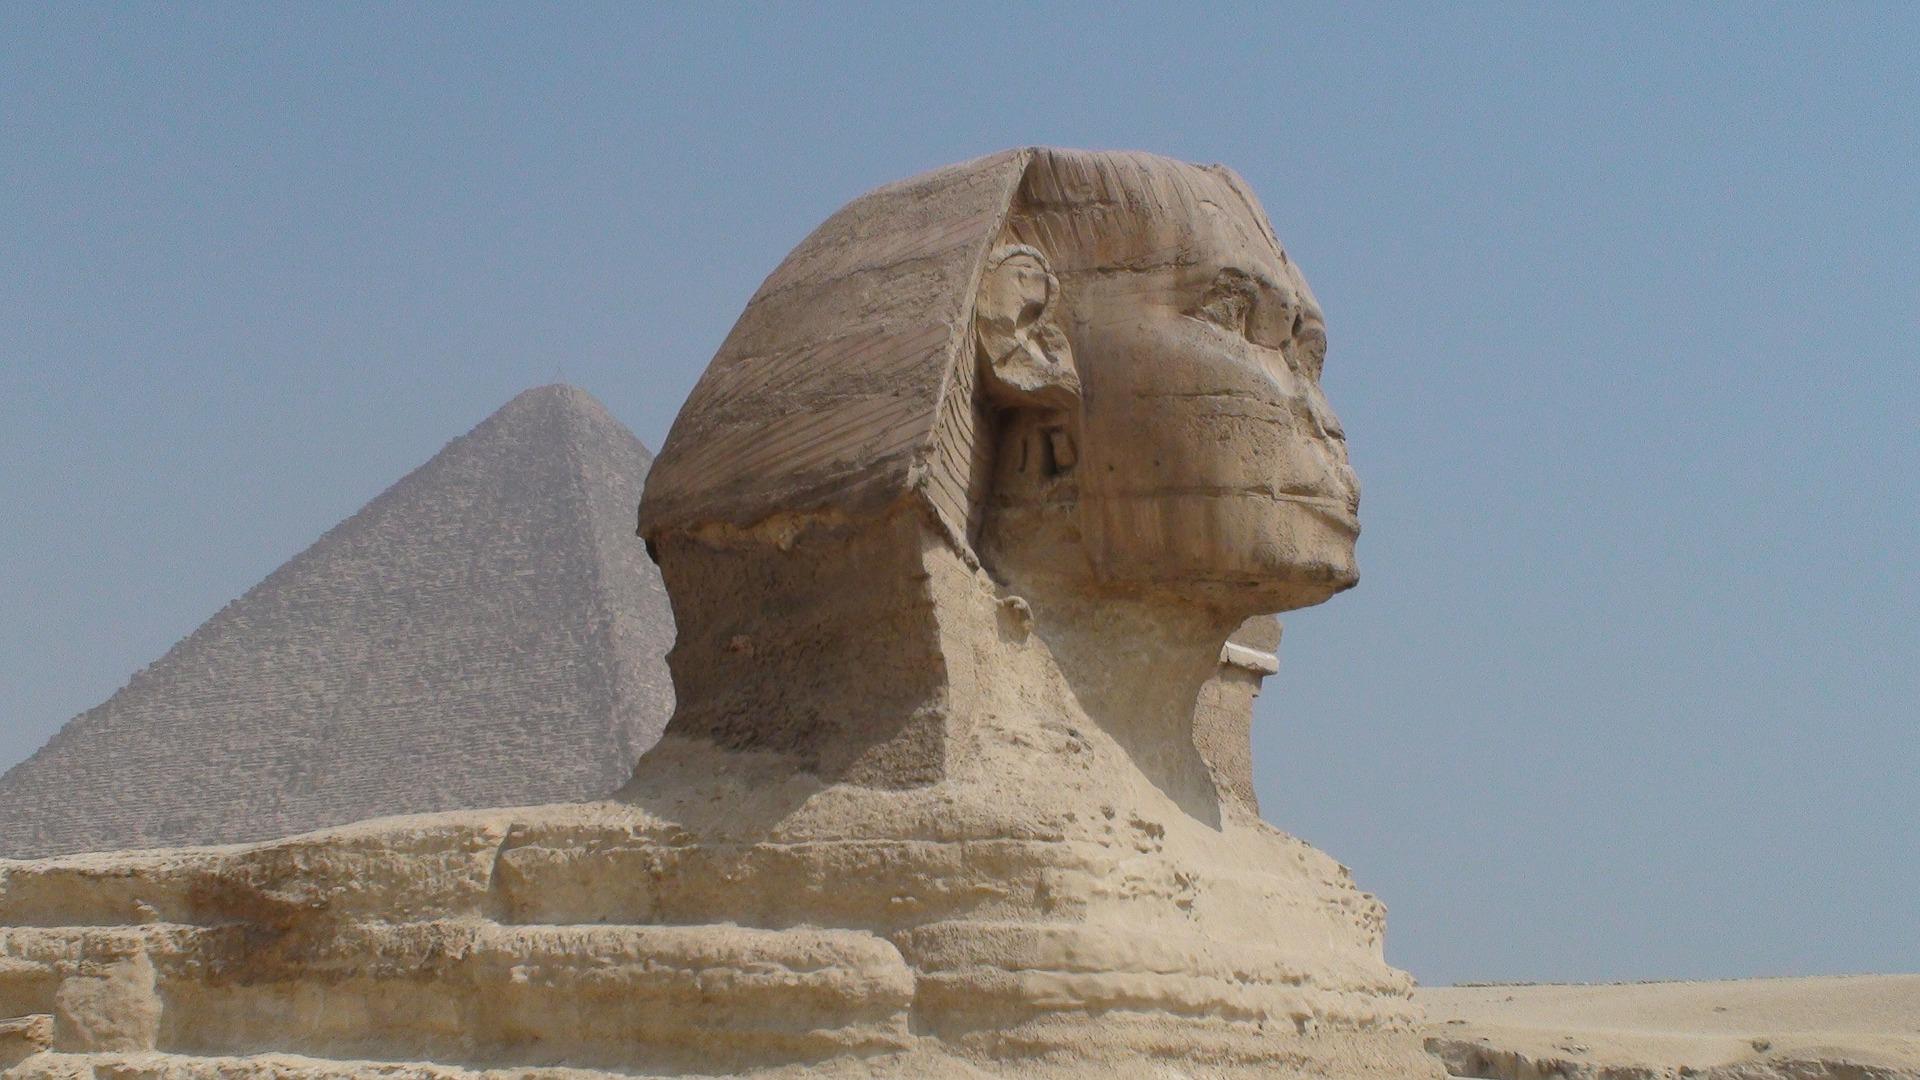 Из-за запрета полетов в Египет вологжане вынуждены доплачивать за альтернативные туры и менять время отпусков